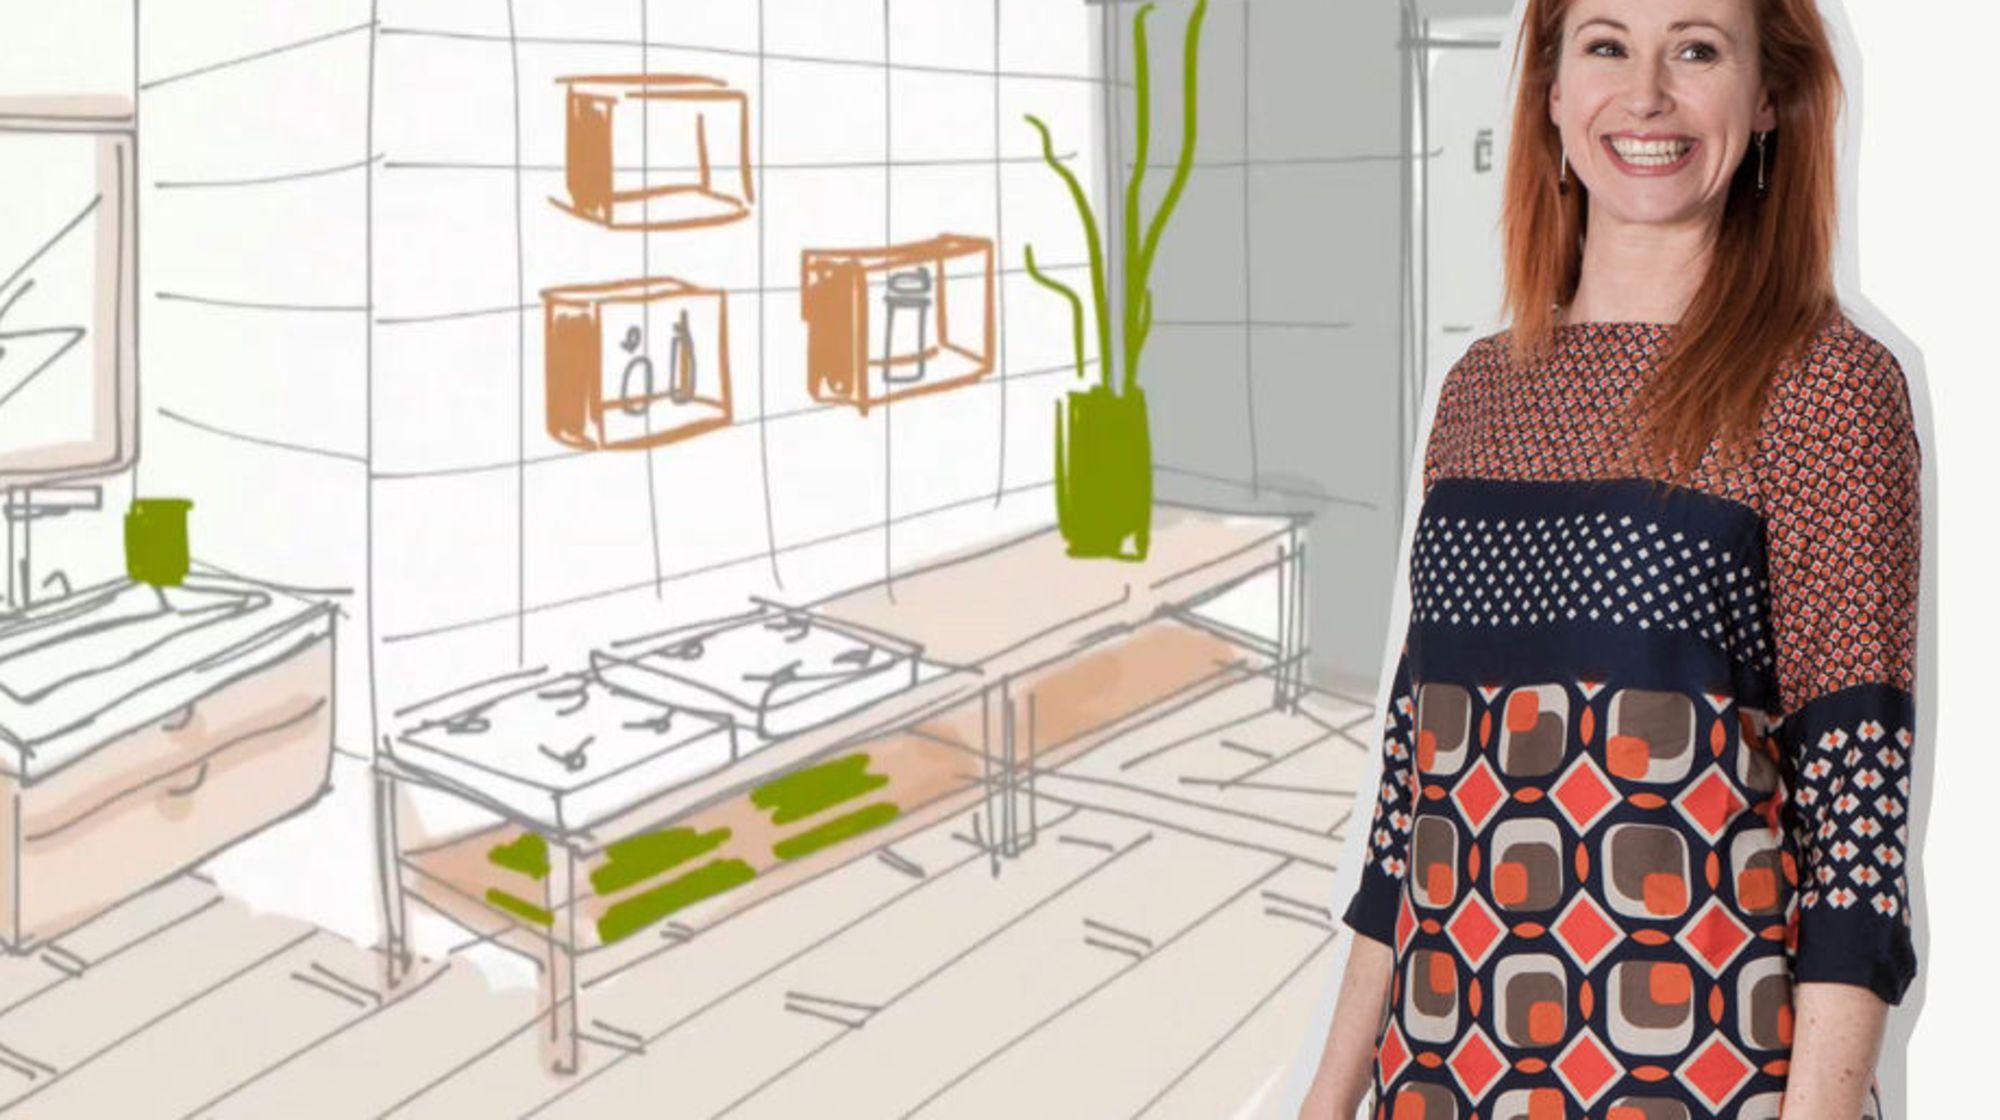 Video. Salle De Bains: Remplacer La Baignoire Par Une Douche intérieur Kit Remplacement Baignoire Castorama